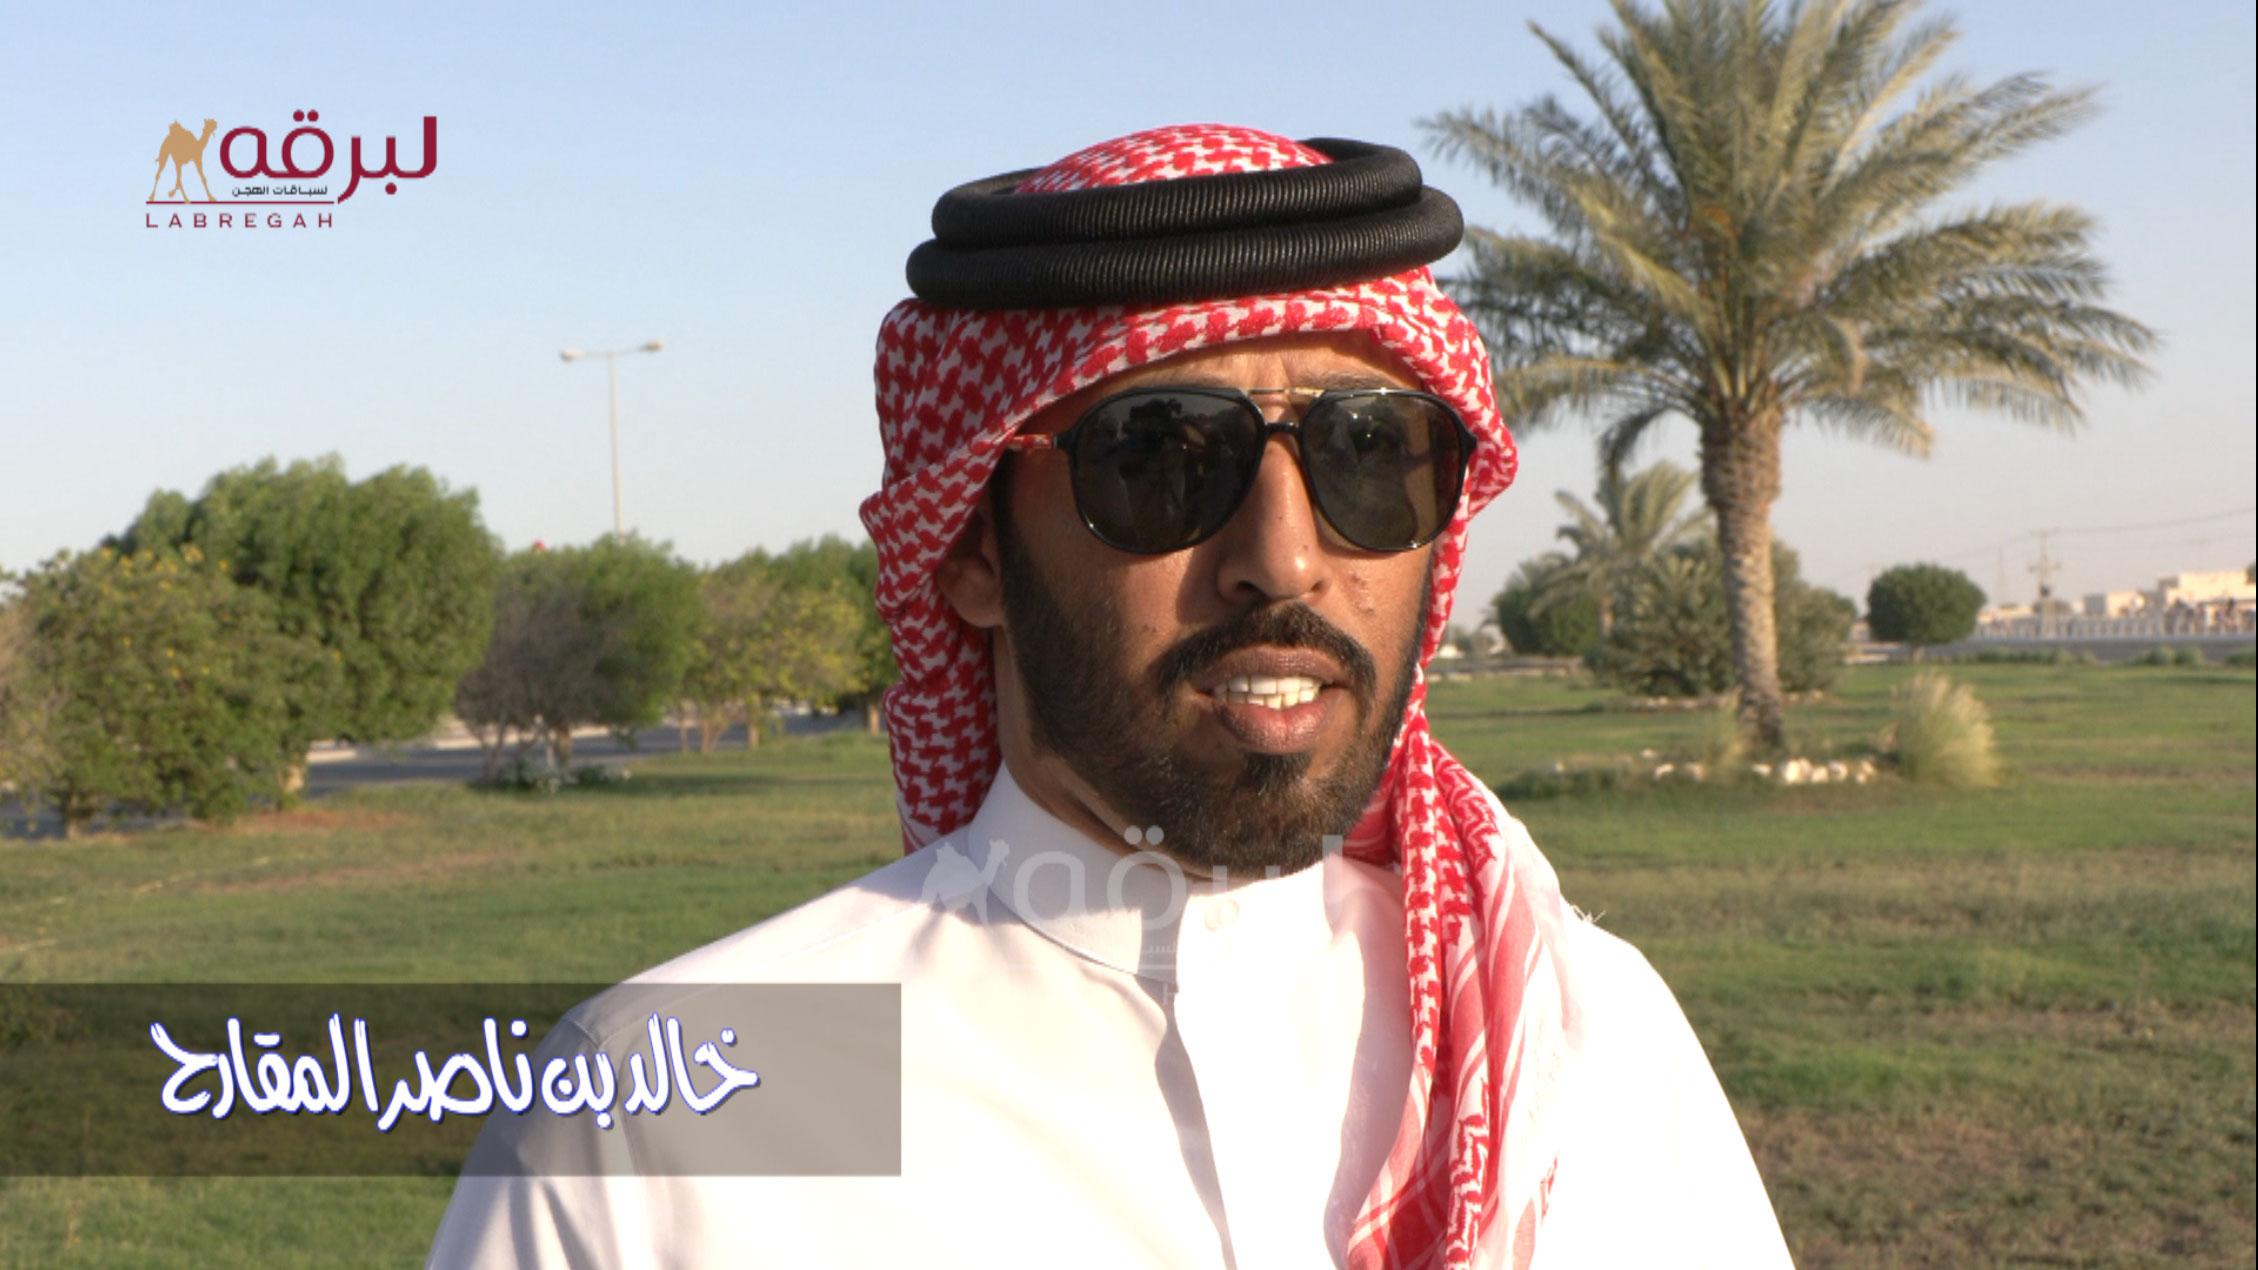 لقاء مع خالد بن ناصر المقارح.. الشوط الرئيسي للحقايق قعدان (مفتوح) الأشواط العامة  ٢١-١٠-٢٠٢١